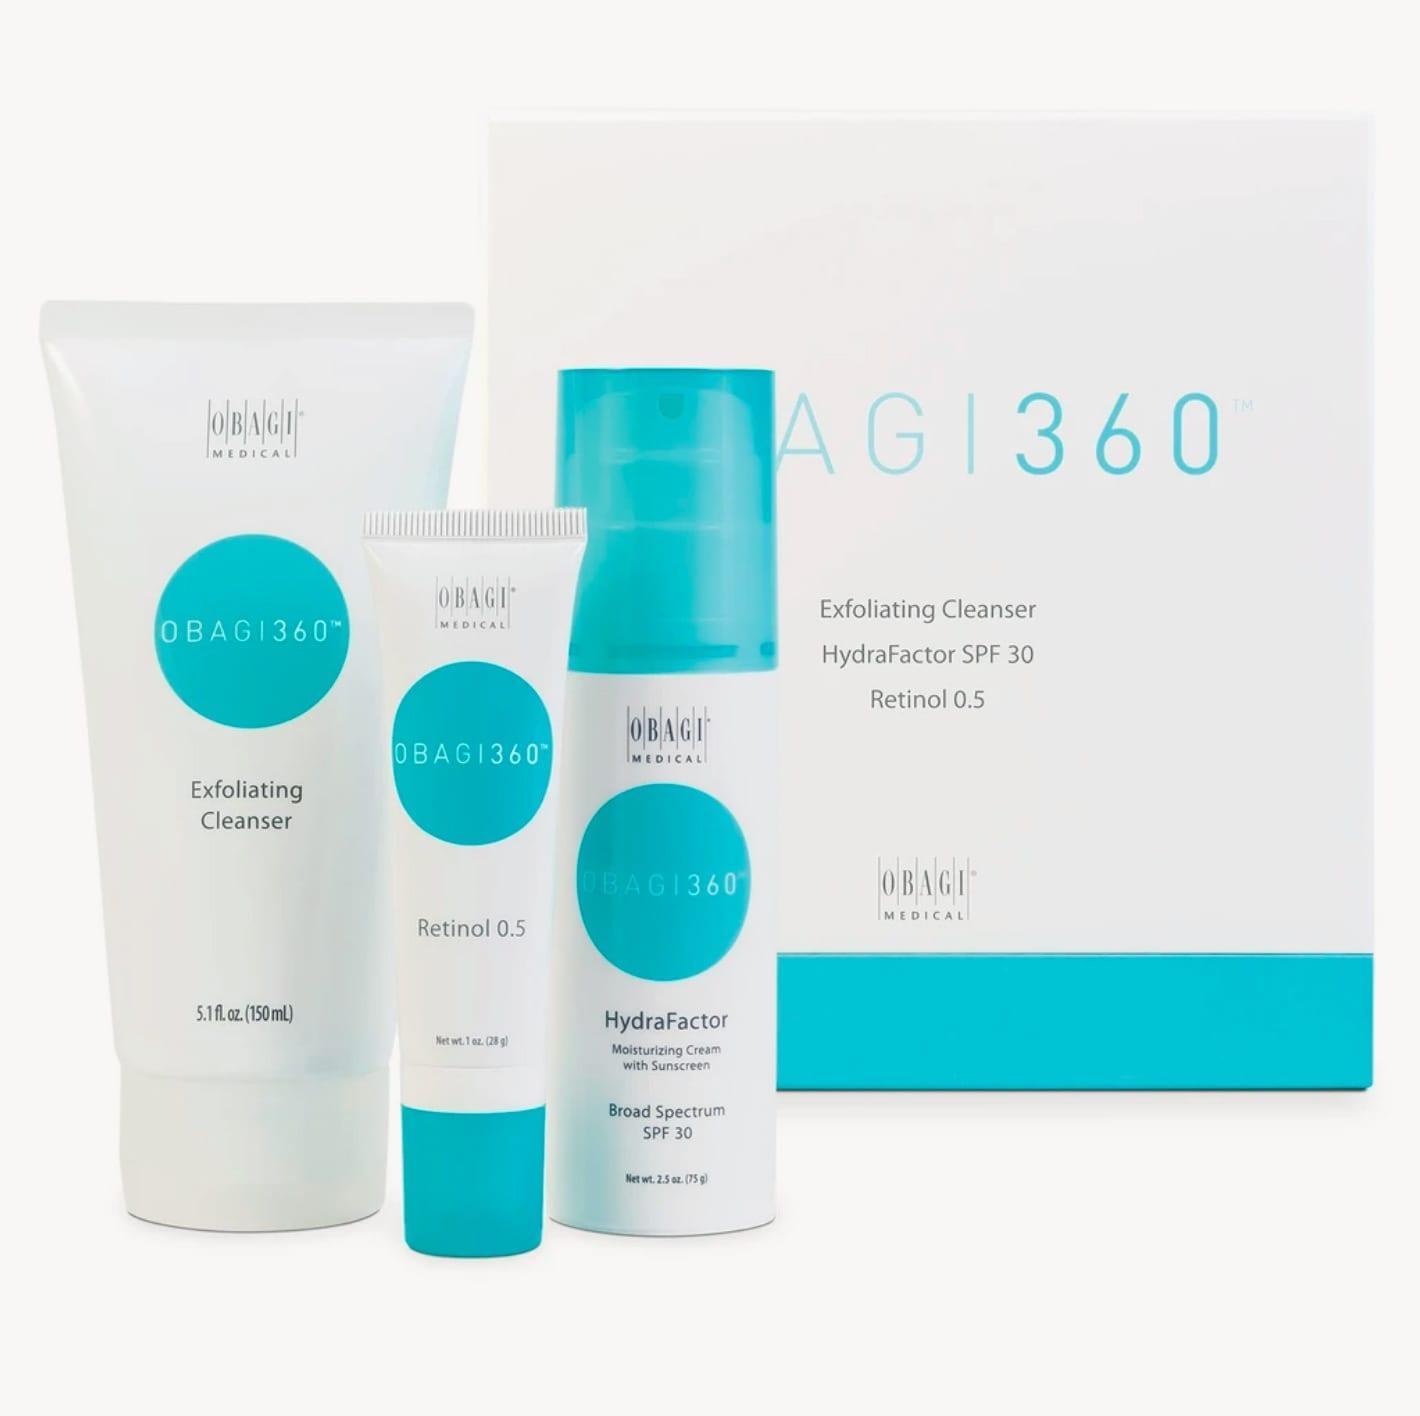 Obagi360 Complete Treatment Kit